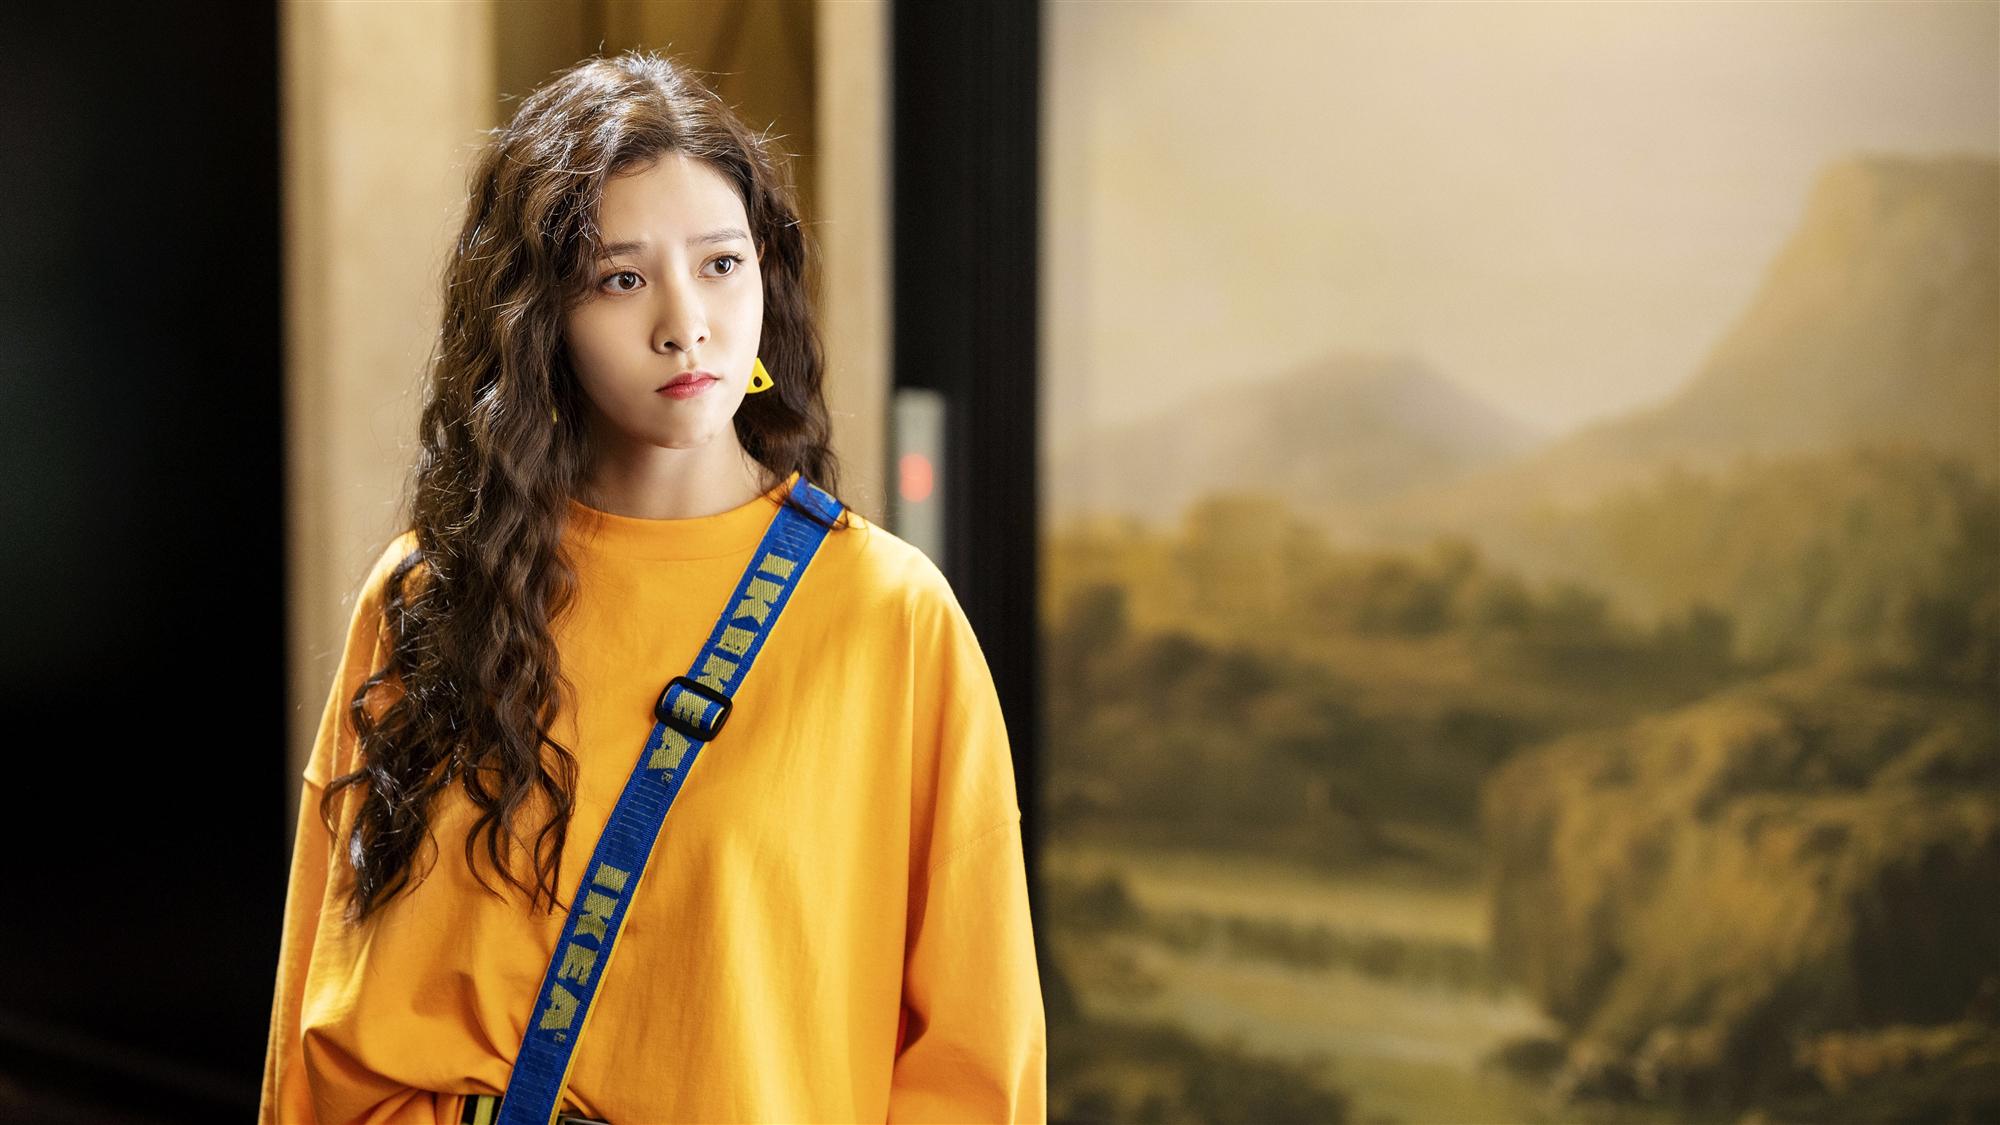 宋妍霏《走进你的记忆》开播化身治愈系超能力女孩